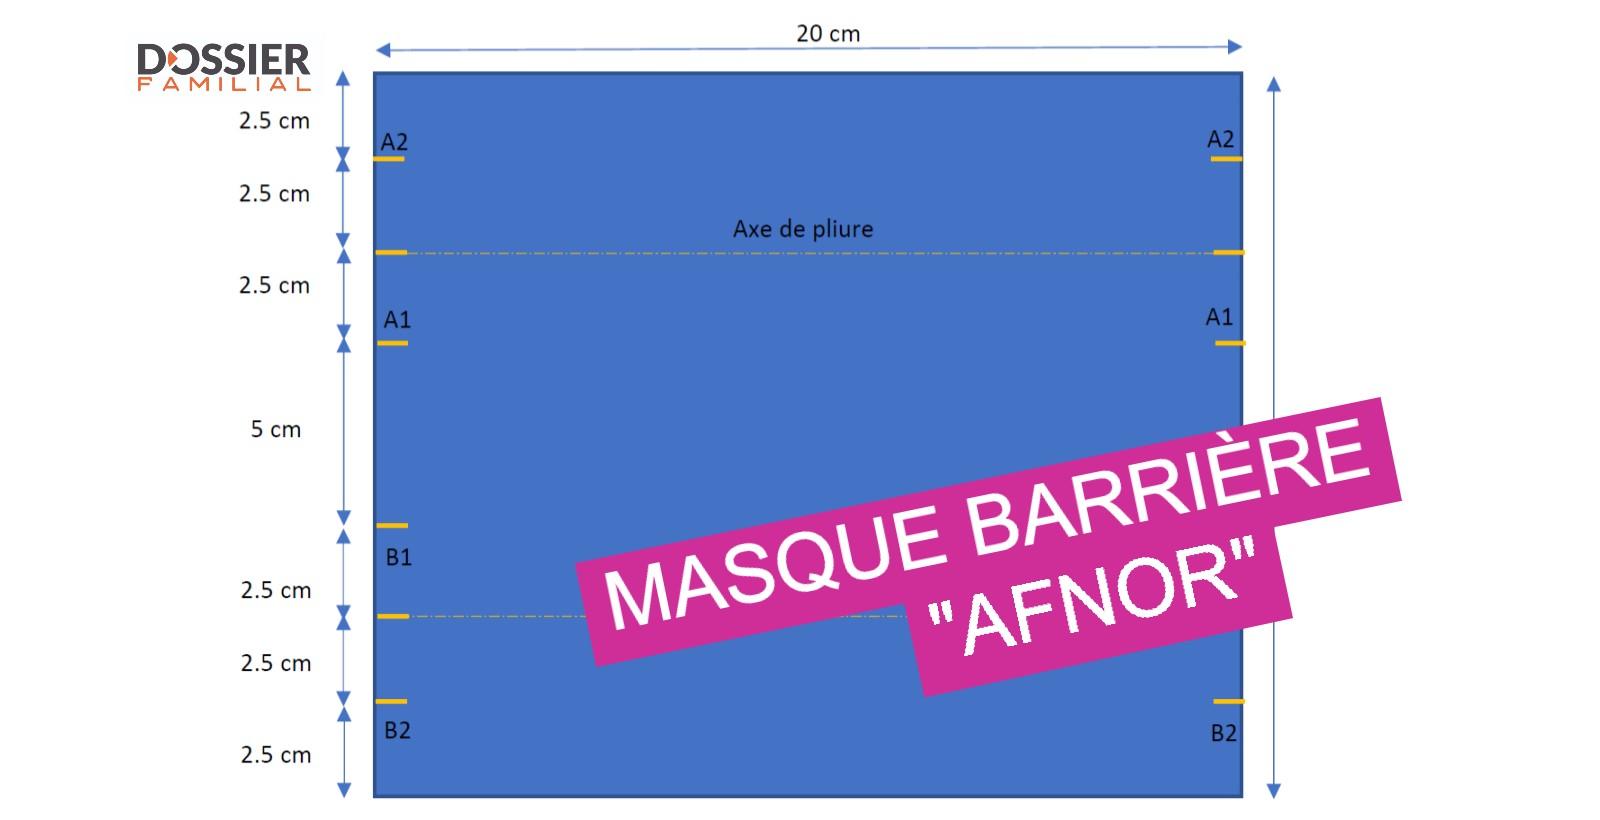 Fabriquer Un Masque Barriere Afnor En Tissu Dossier Familial